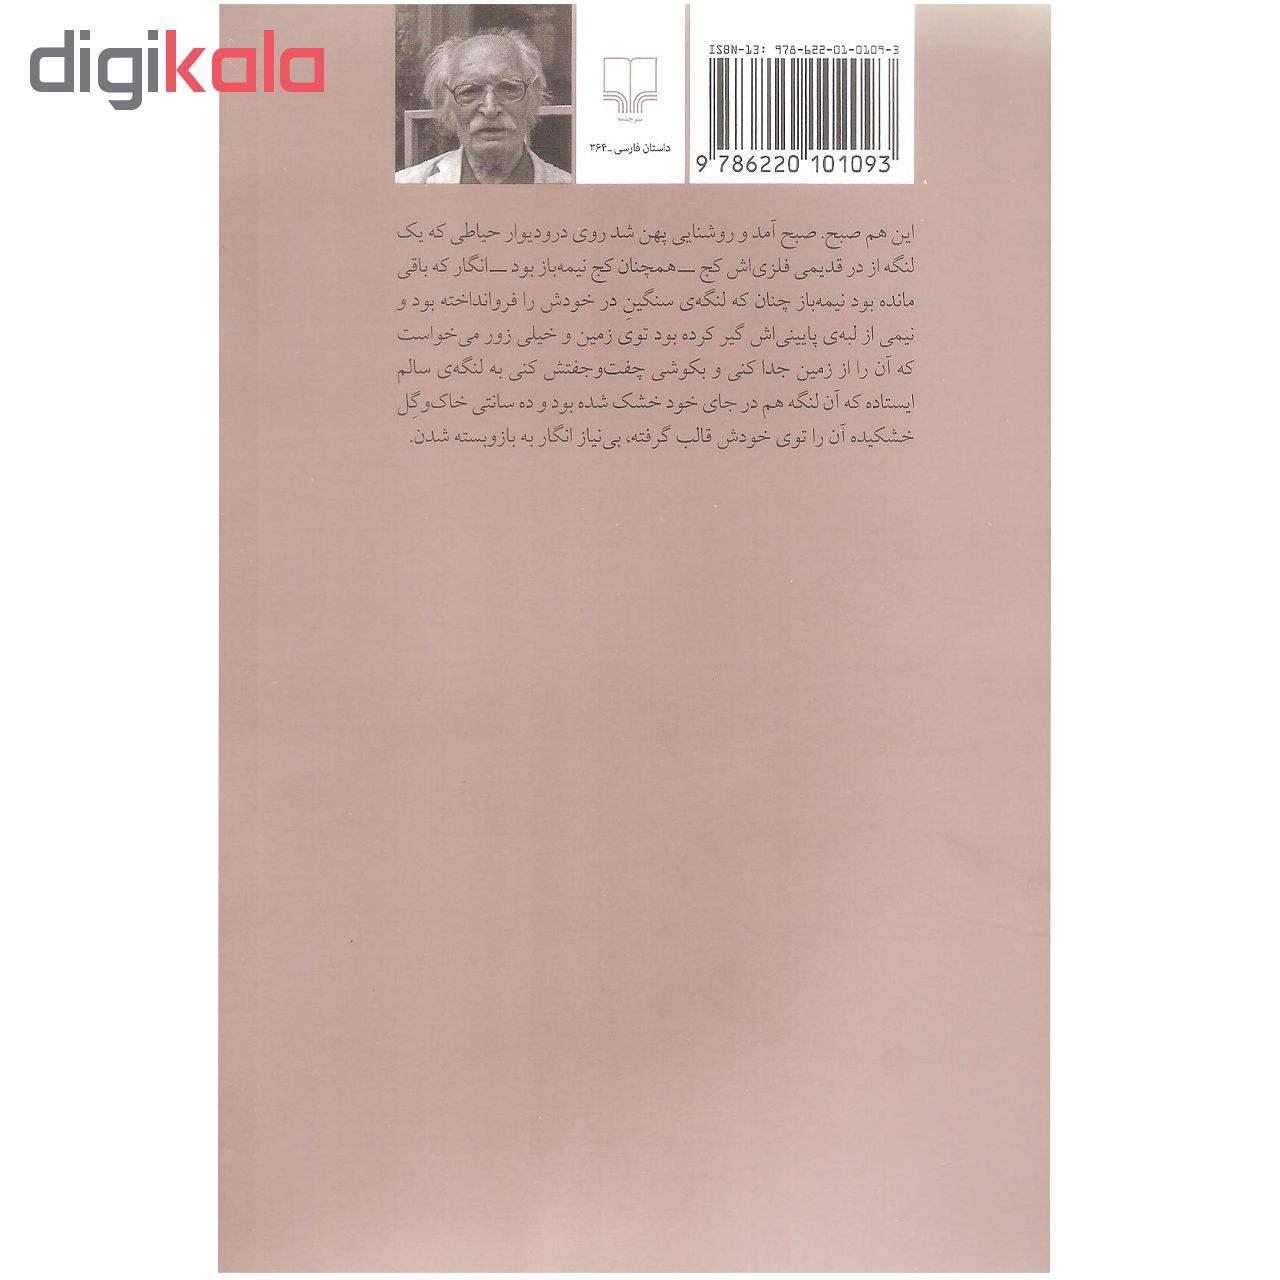 کتاب بیرون در اثر محمود دولت آبادی نشر چشمه main 1 2